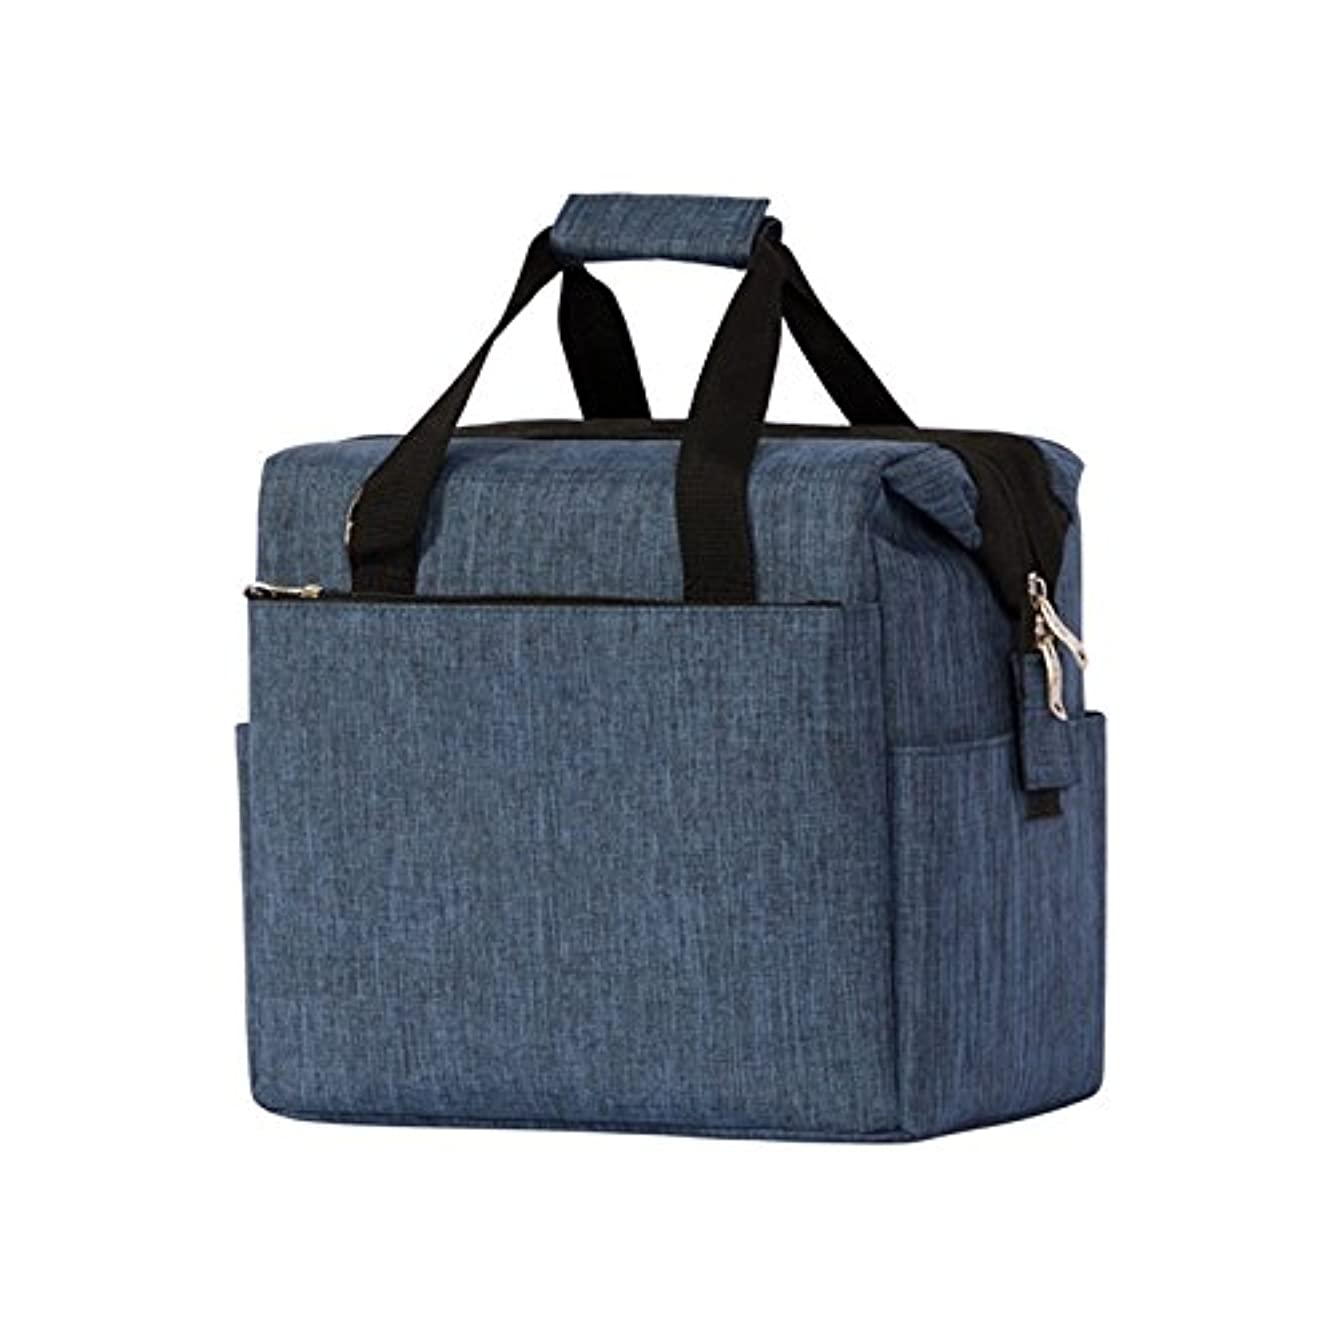 プレビスサイト周波数トンSUSUQI 保冷保温バッグ 大容量クーラーバッグ おしゃれ弁当袋 撥水 多機能 通学 通勤 買い物 旅行 ピクニック アウトドア 手提げ?肩掛け 全3色